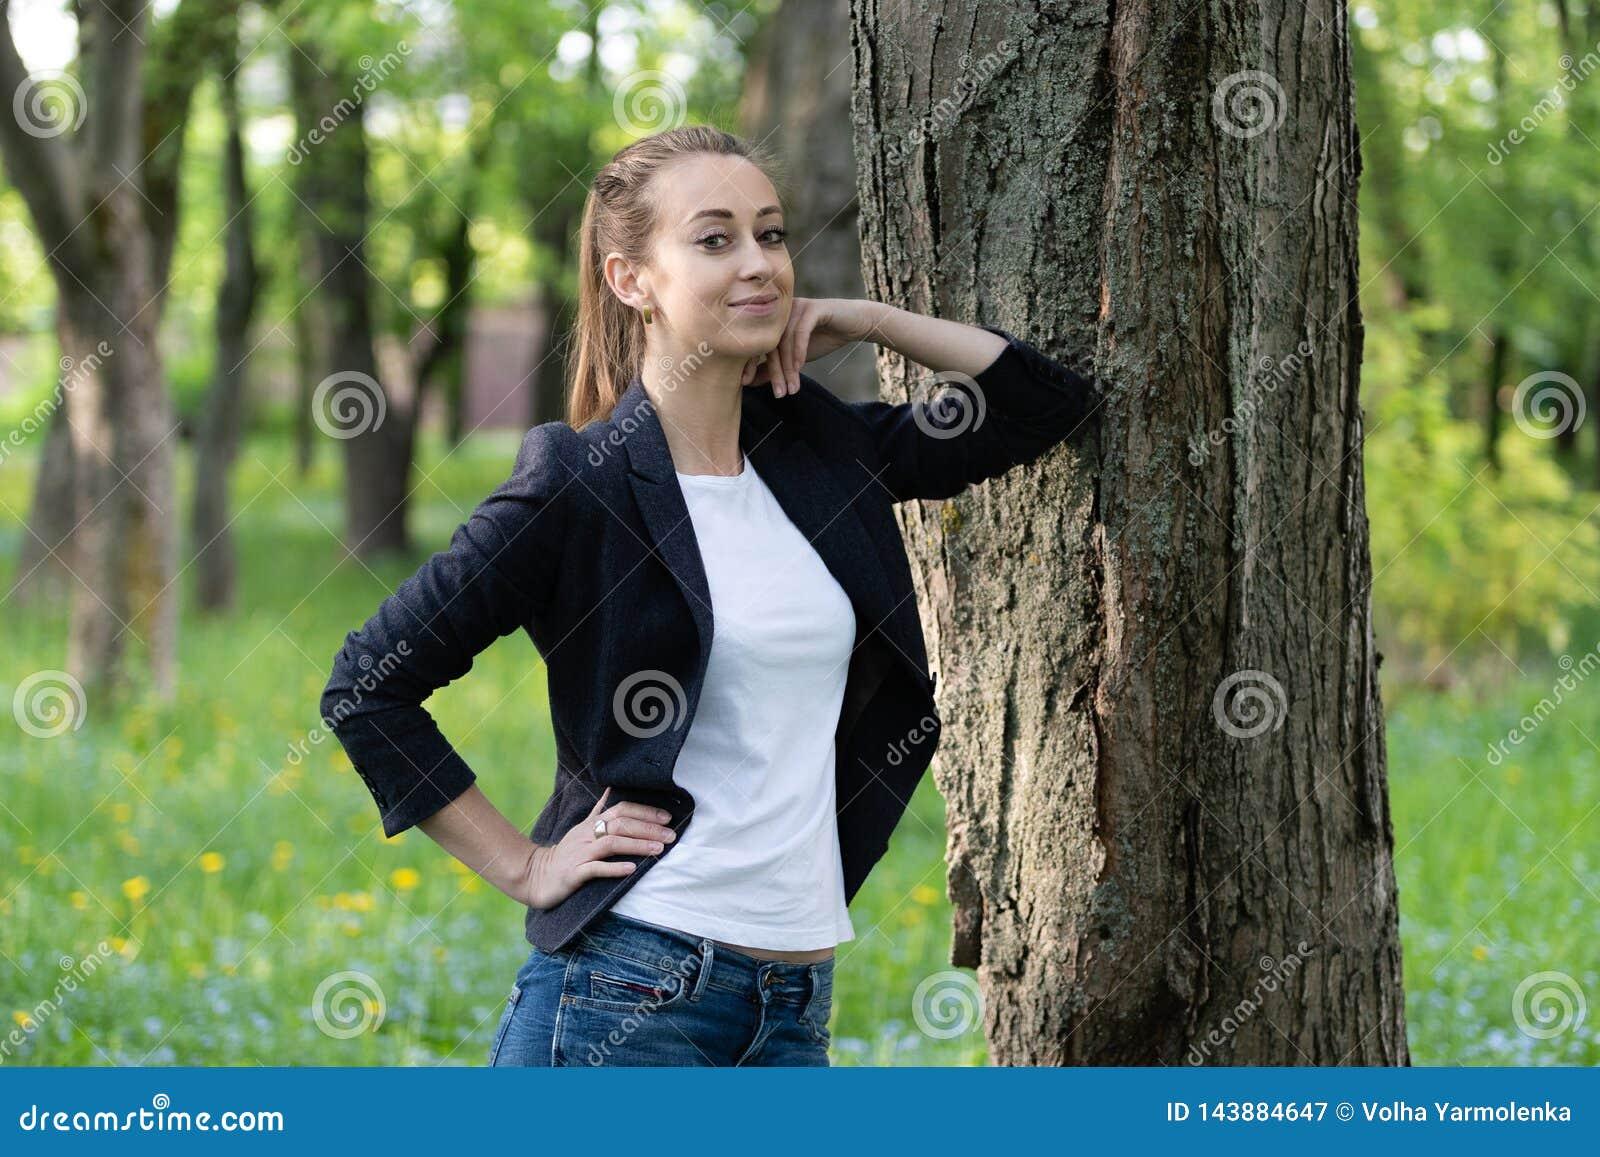 La mujer delgada joven descansa sobre un tronco de árbol, ella mira todo derecho con una mirada soñadora